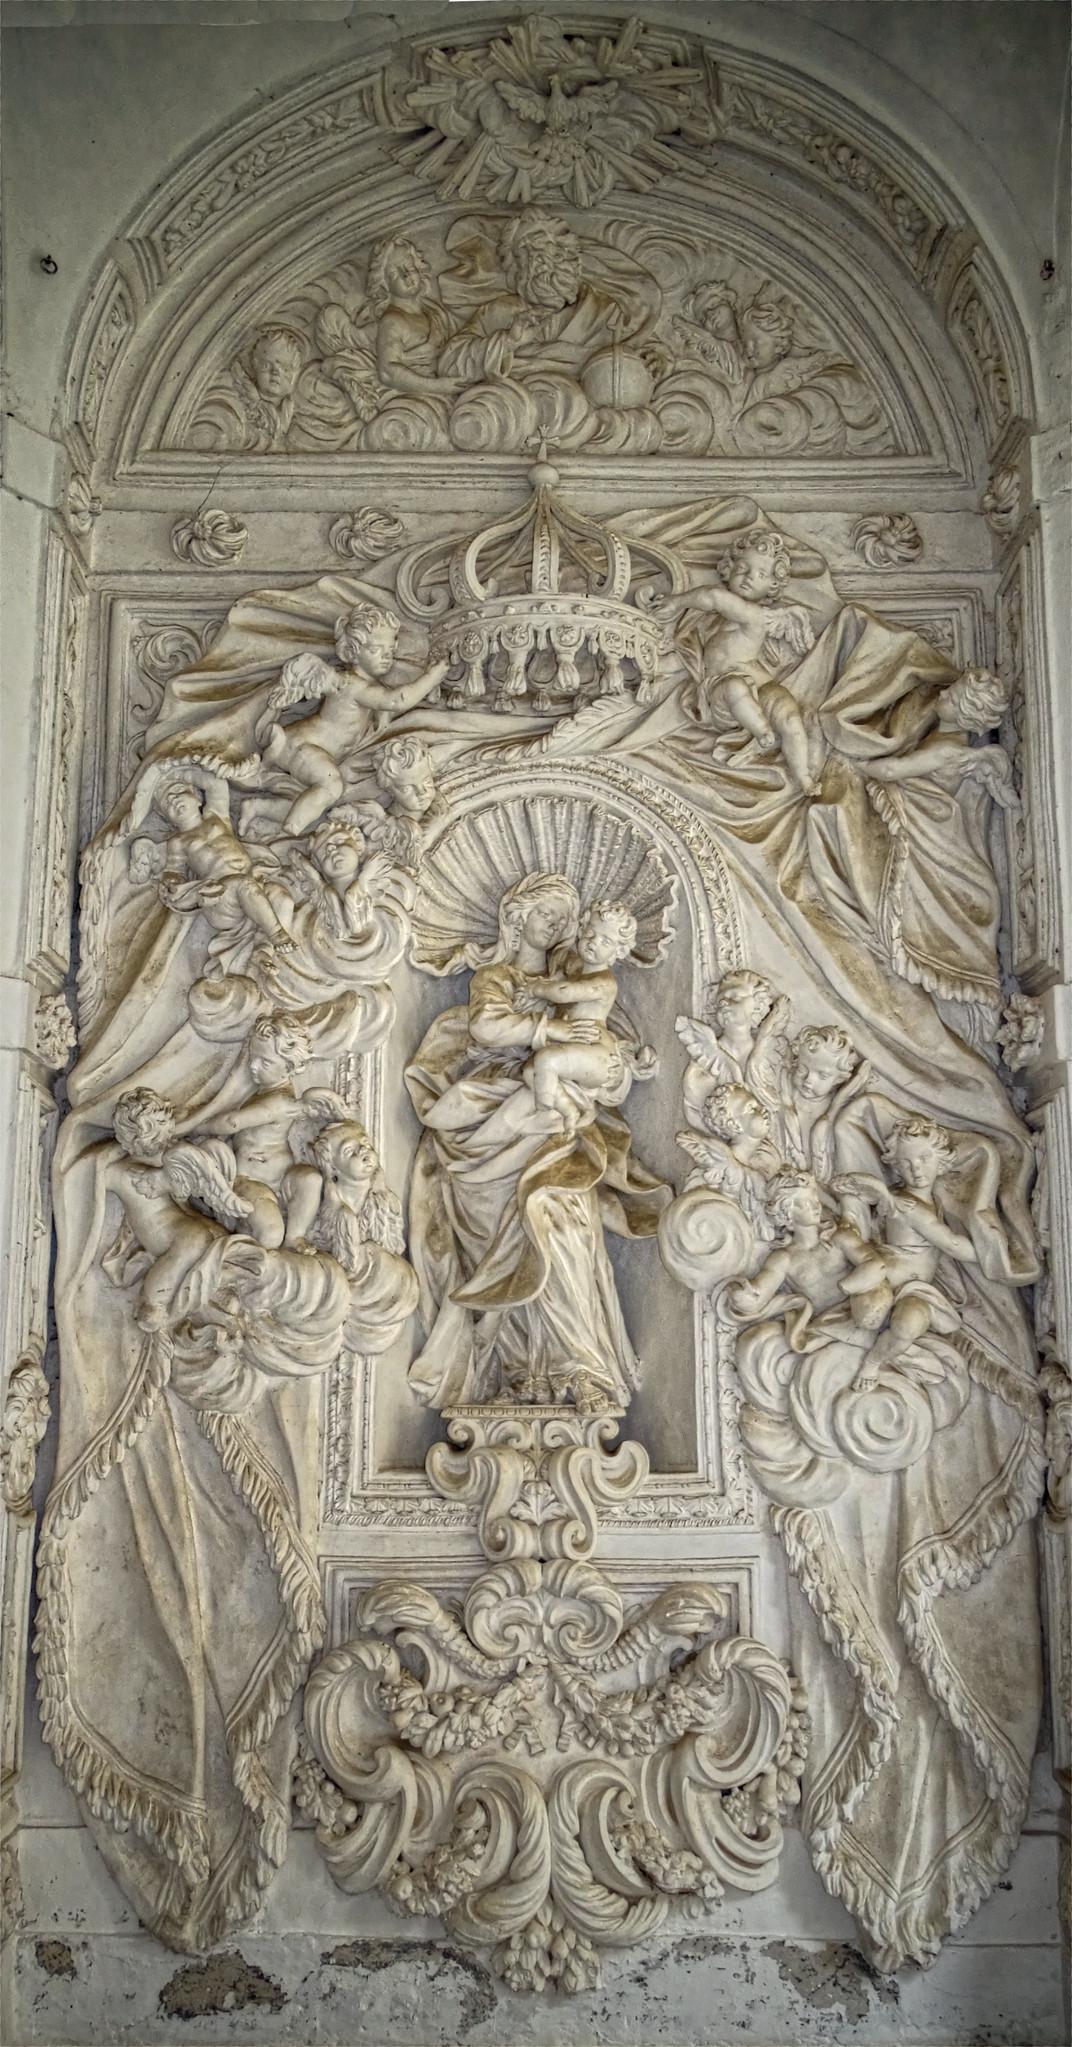 Madonna con bambino, in alto il creatore e colomba con spirito santo, tutto in gesso